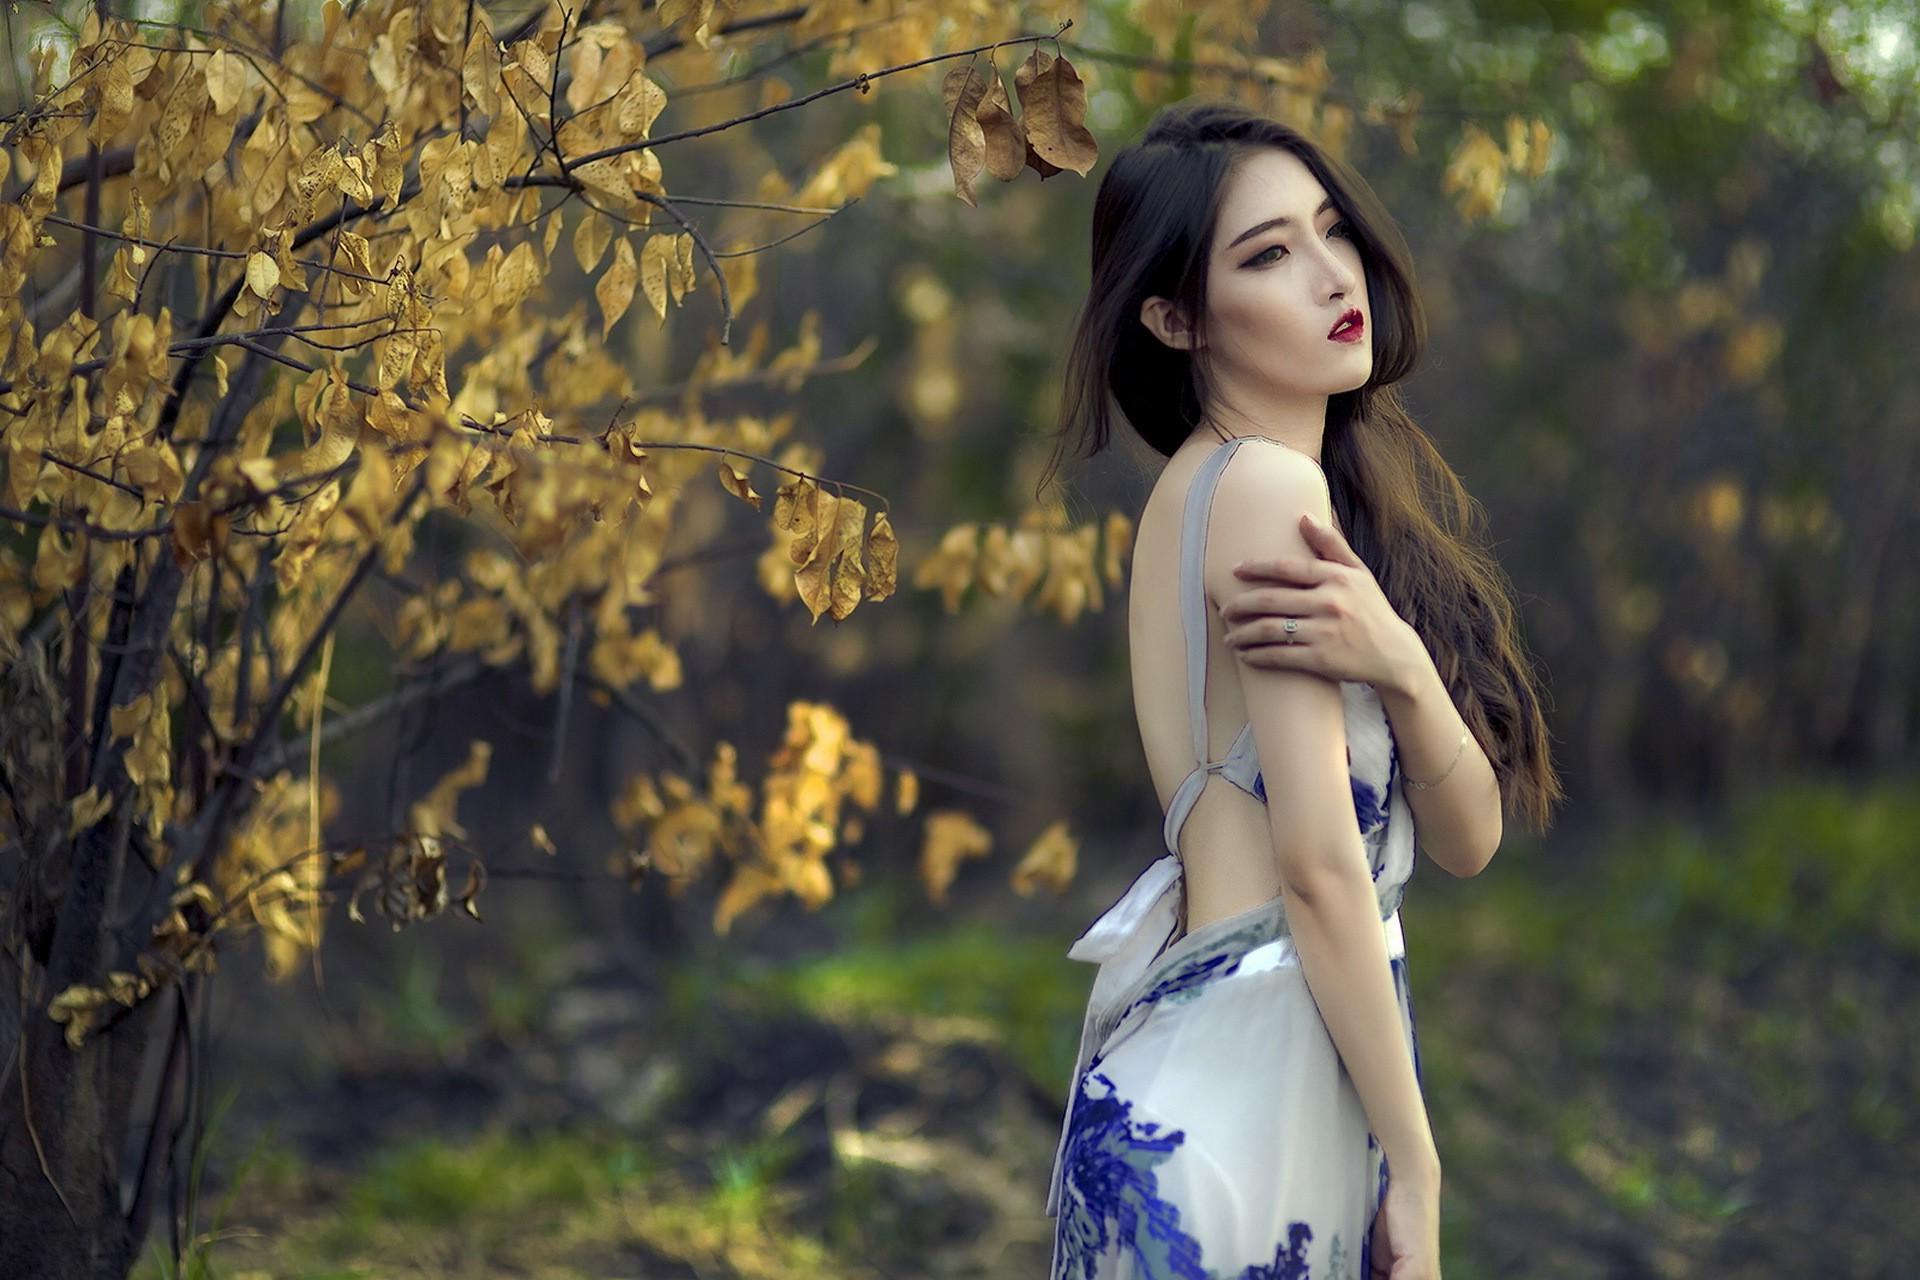 Cleopatra recommends Korean porn video sex